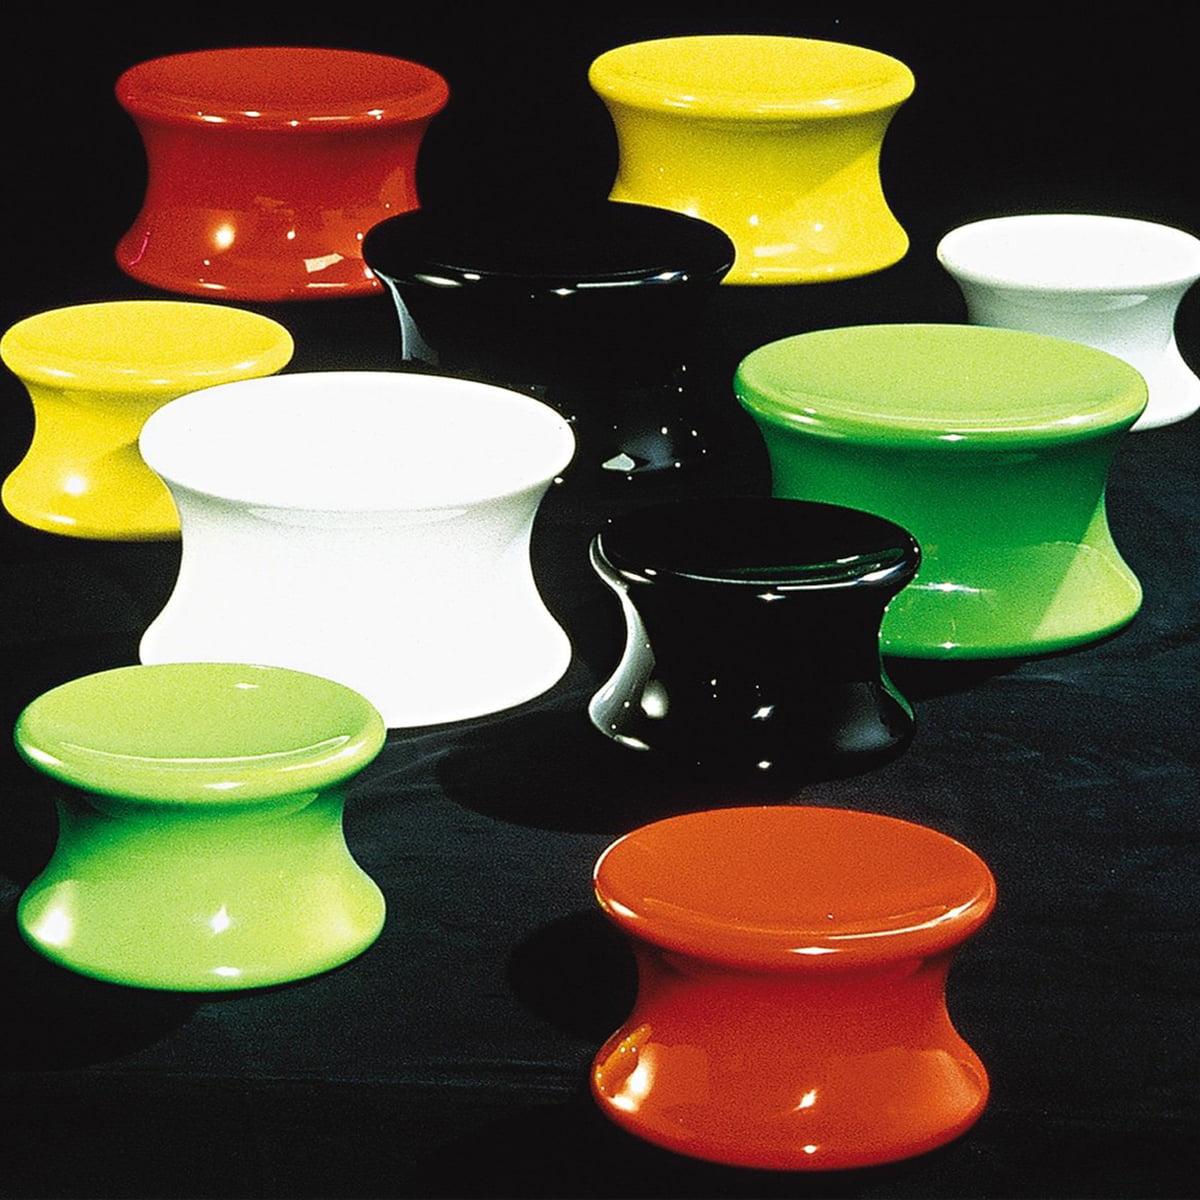 mushroom stool by eero aarnio originals. Black Bedroom Furniture Sets. Home Design Ideas